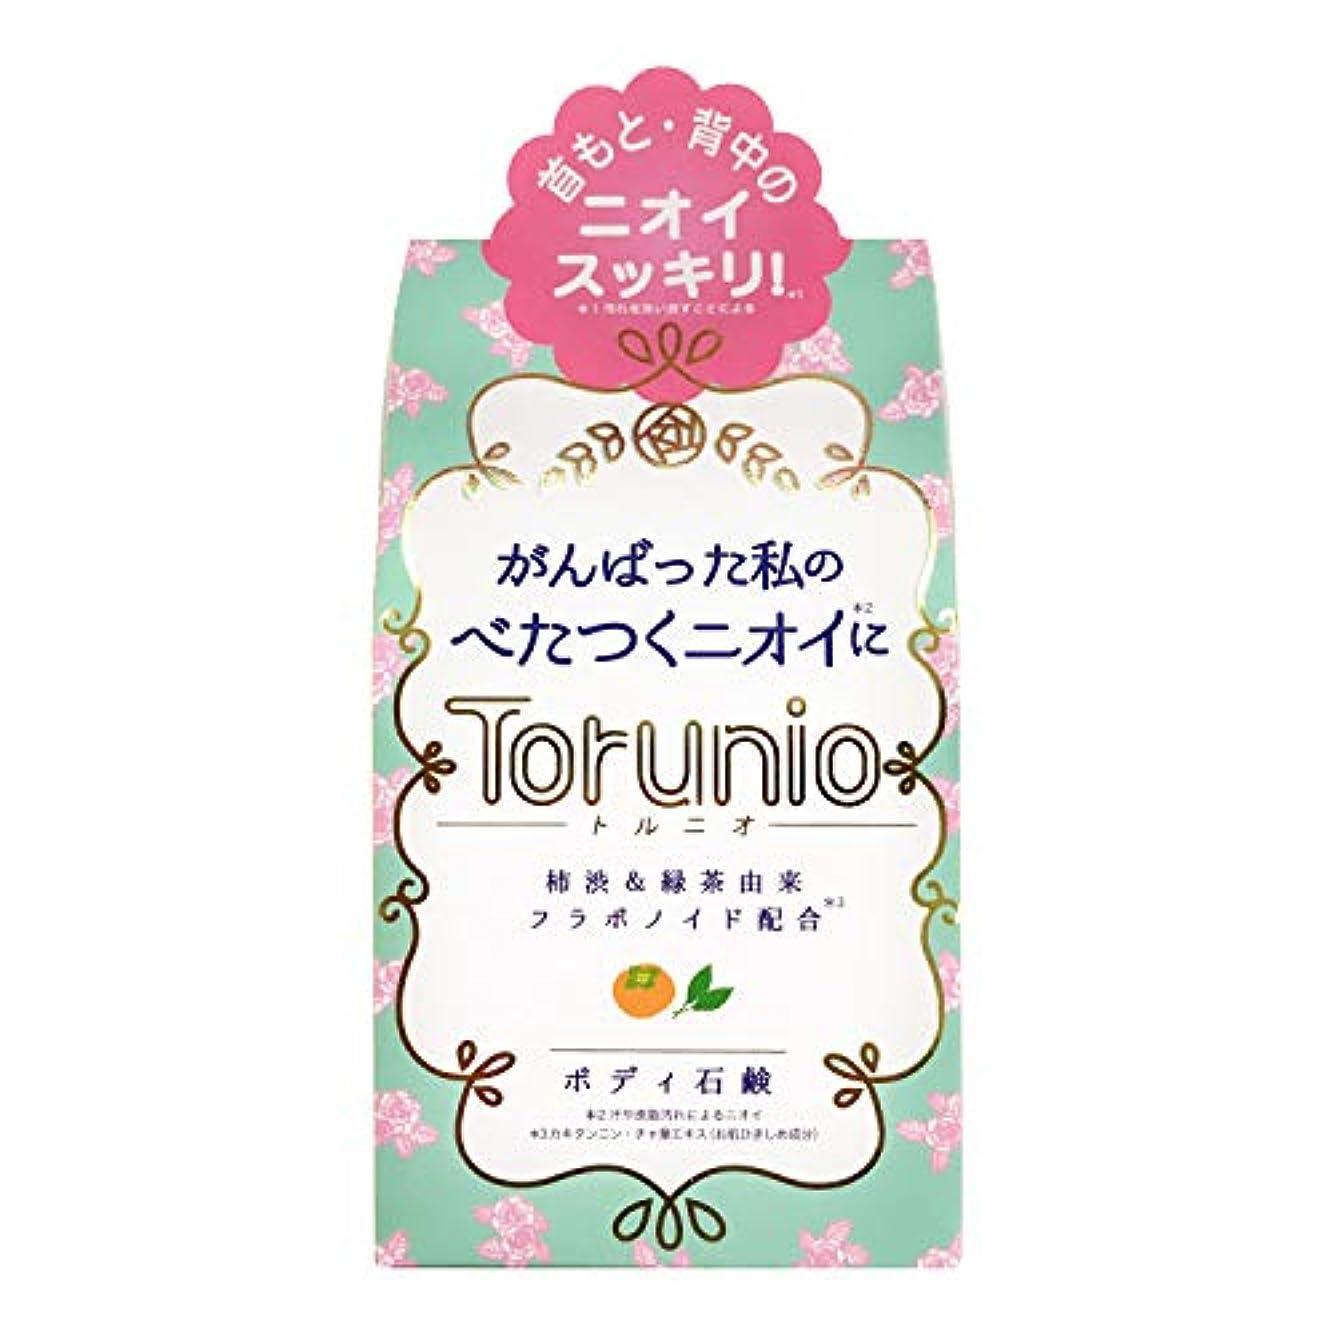 リゾート外交ペレットTorunio(トルニオ)石鹸 100g